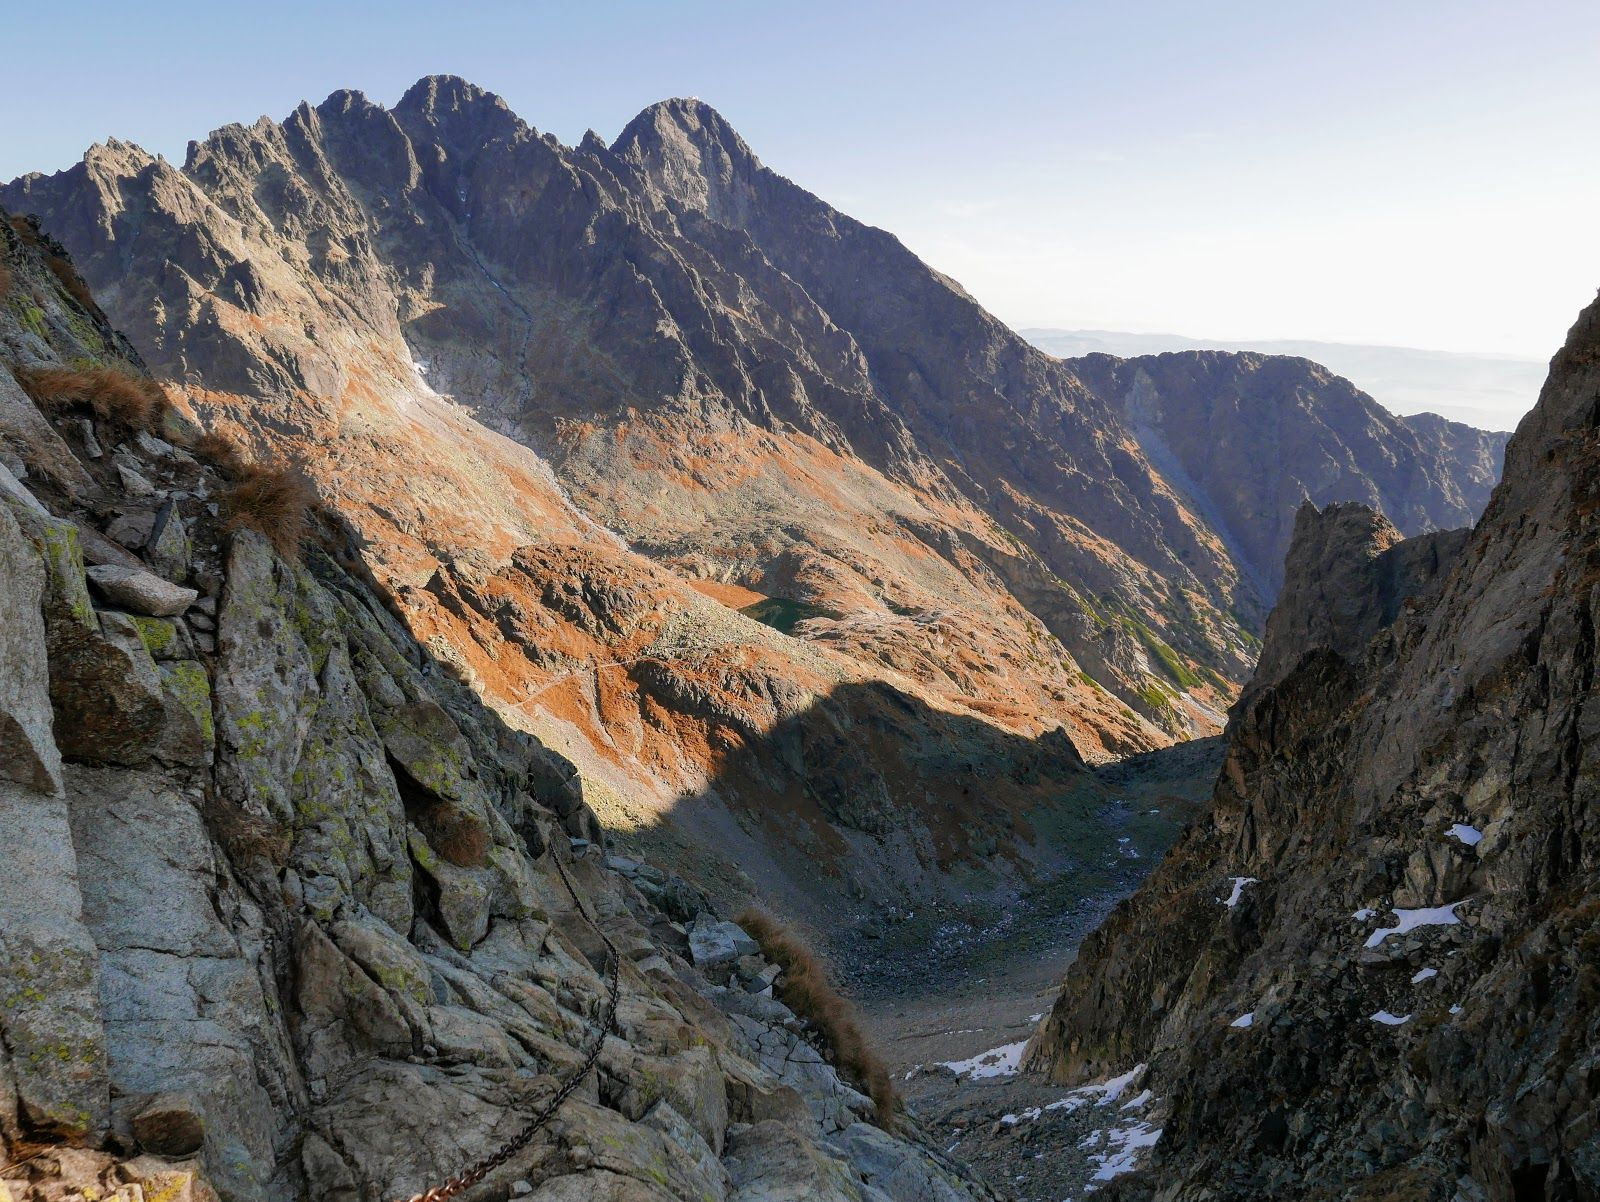 Z Gorami W Tle Tatry Wysokie Czerwona Lawka Maly Lodowy Szczyt R Natural Landmarks Landmarks Grand Canyon